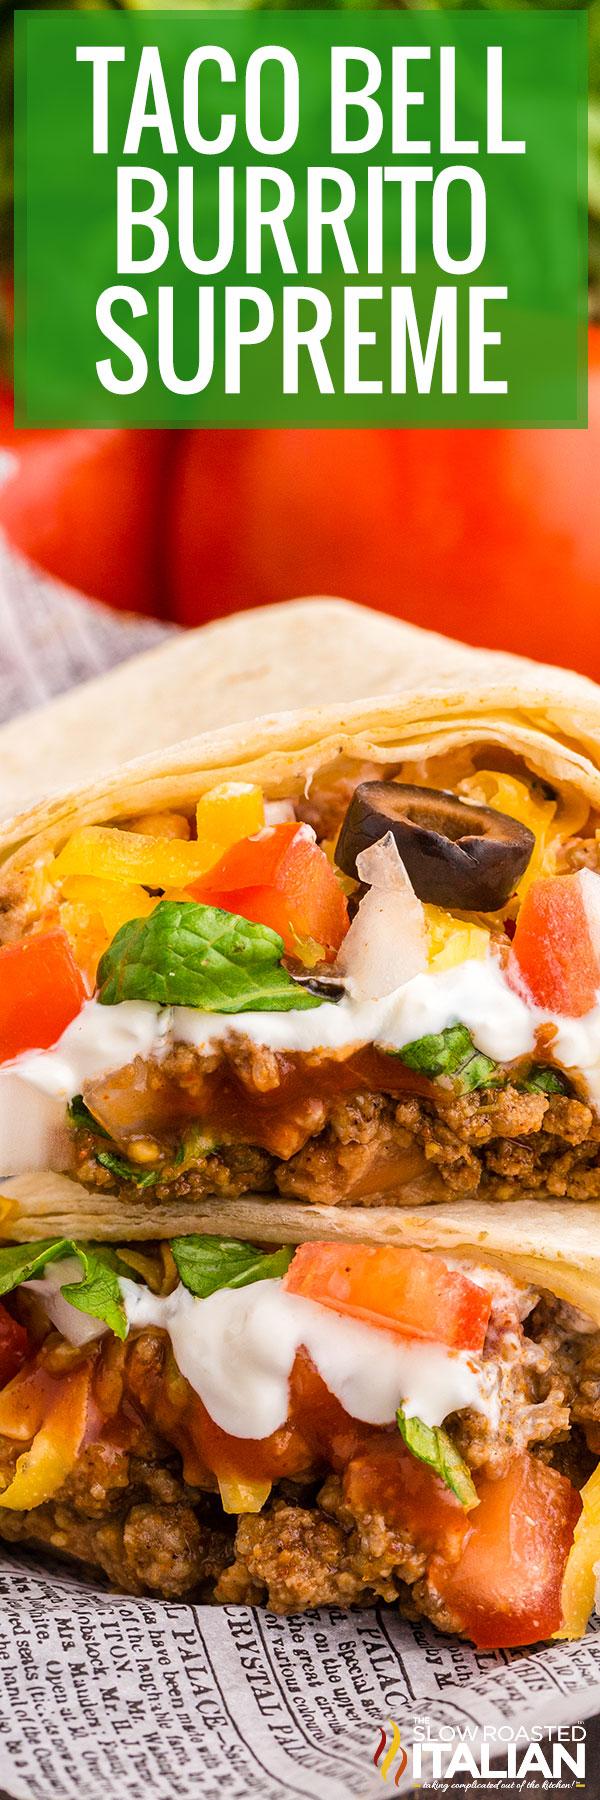 Taco Bell Burrito Supreme Closeup